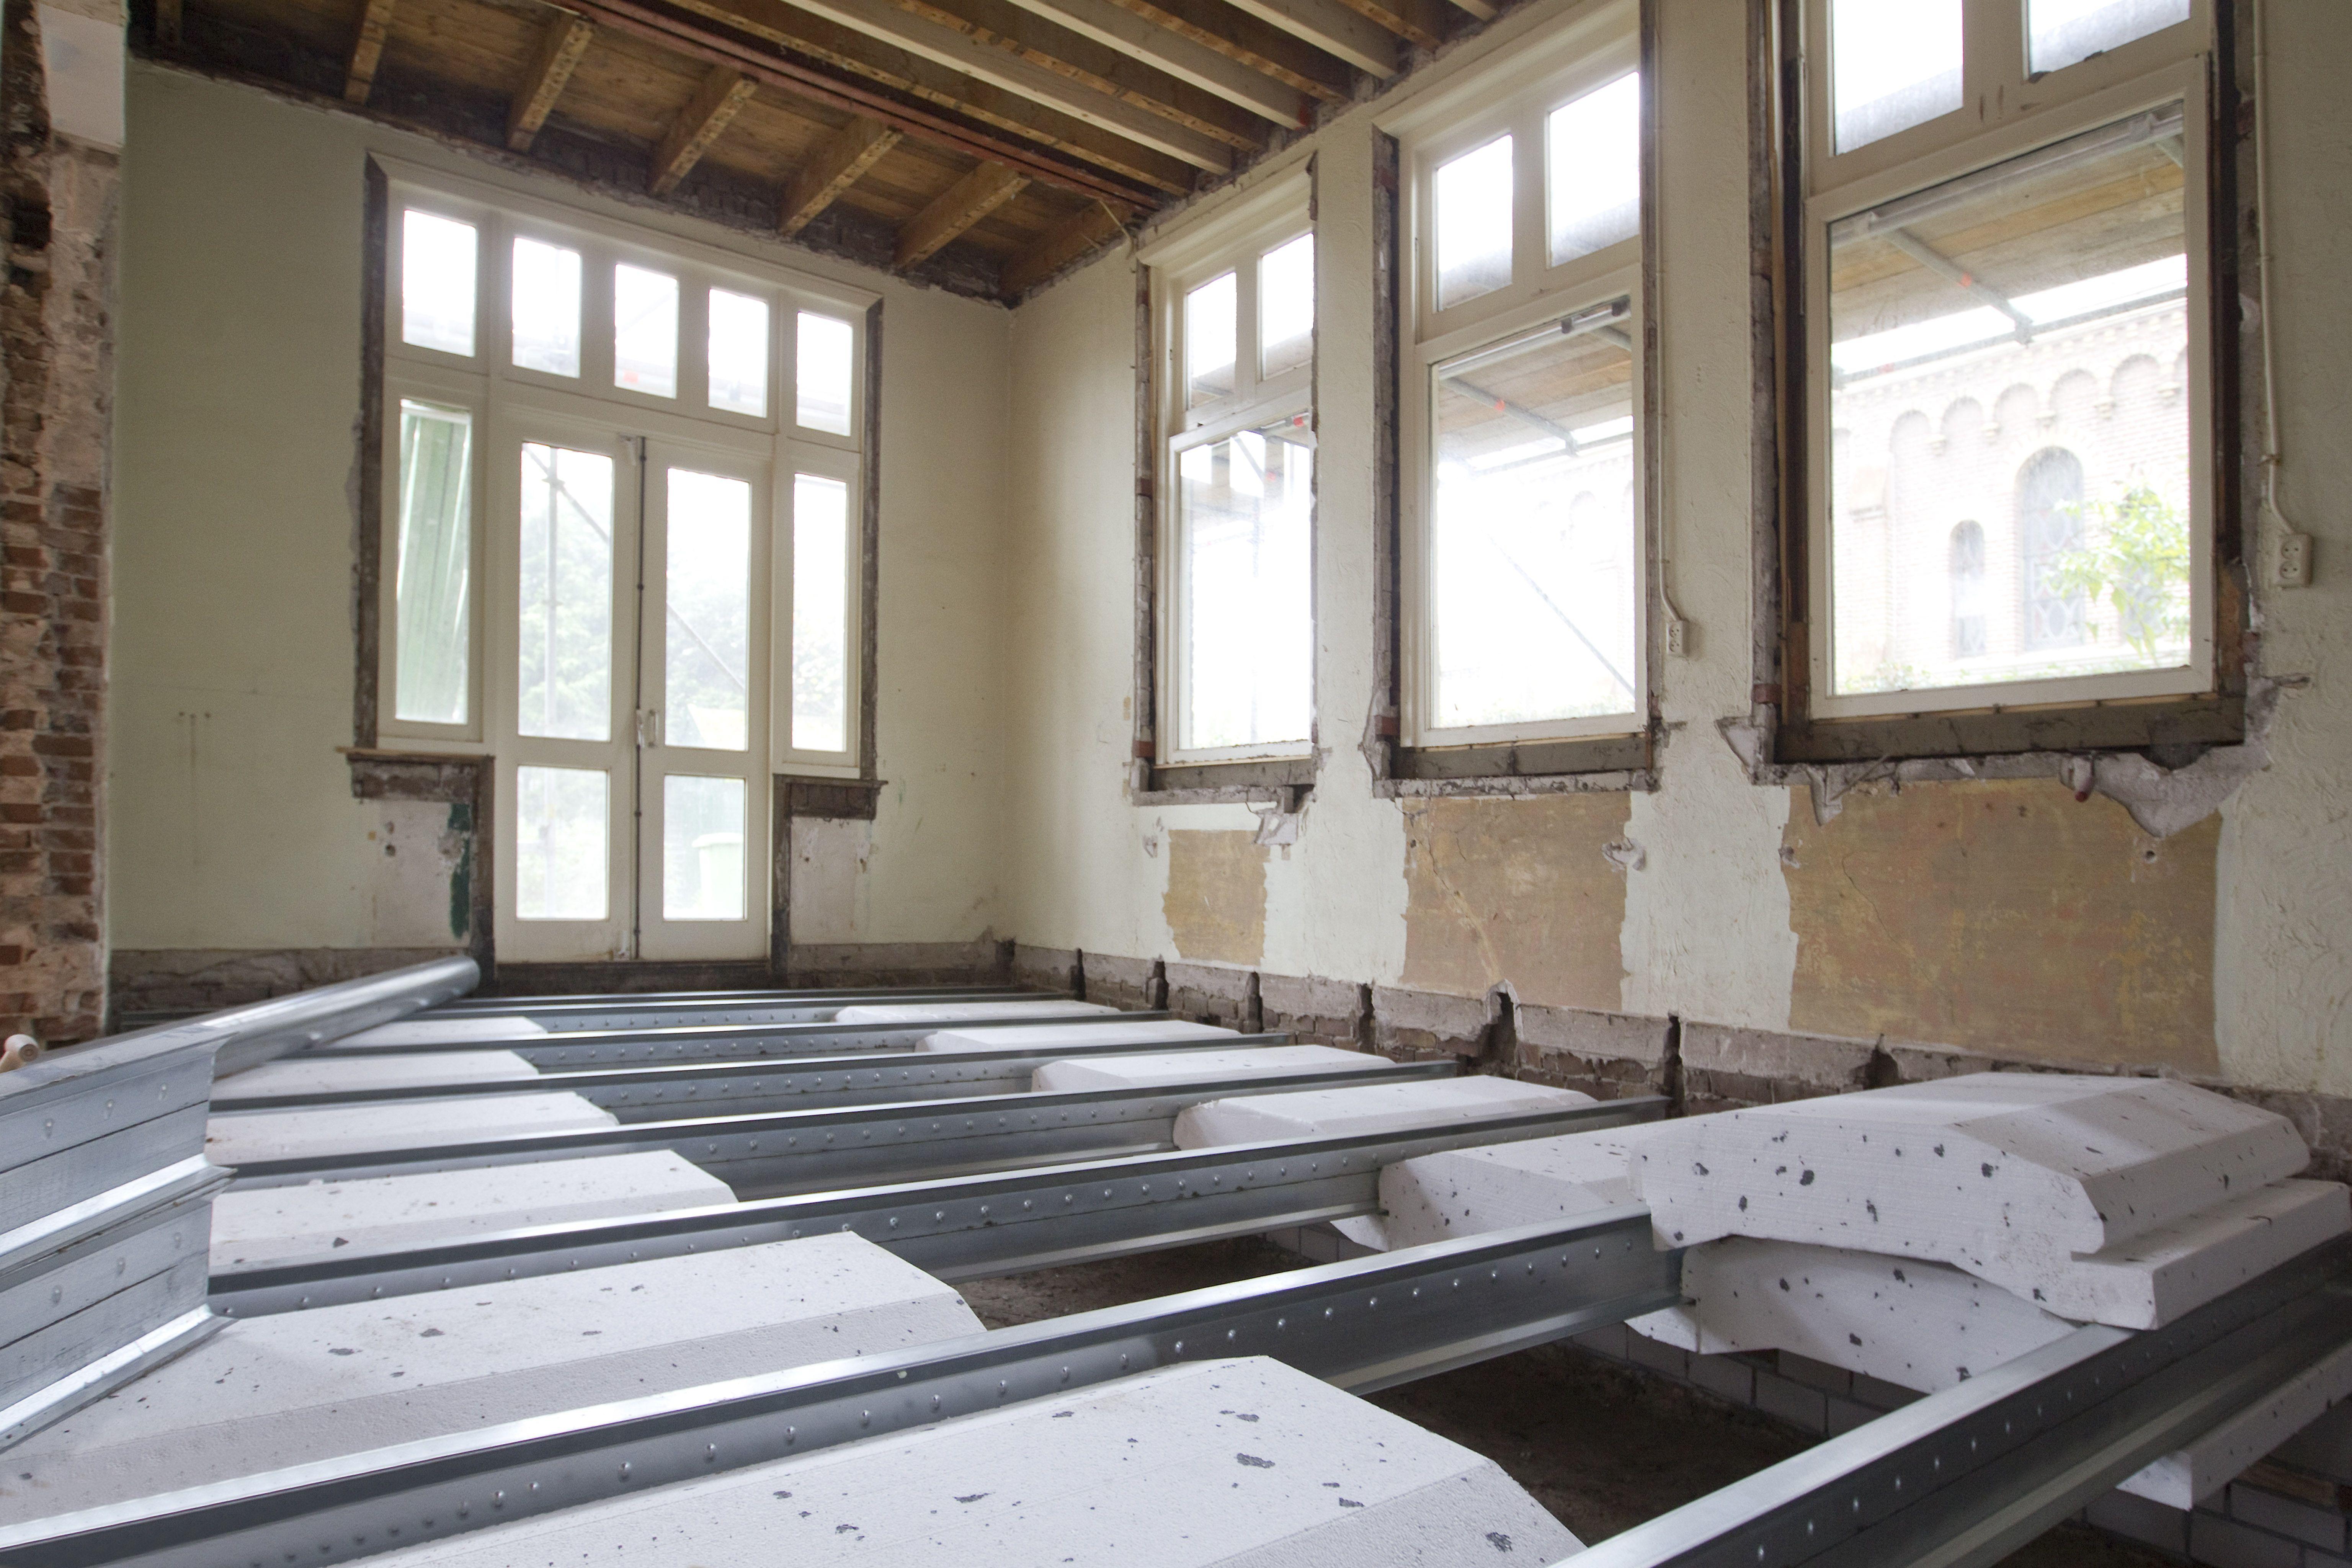 Betonnen Vloer Prijs : Prijs betonnen vloer storten nice beton storten tuin prijs